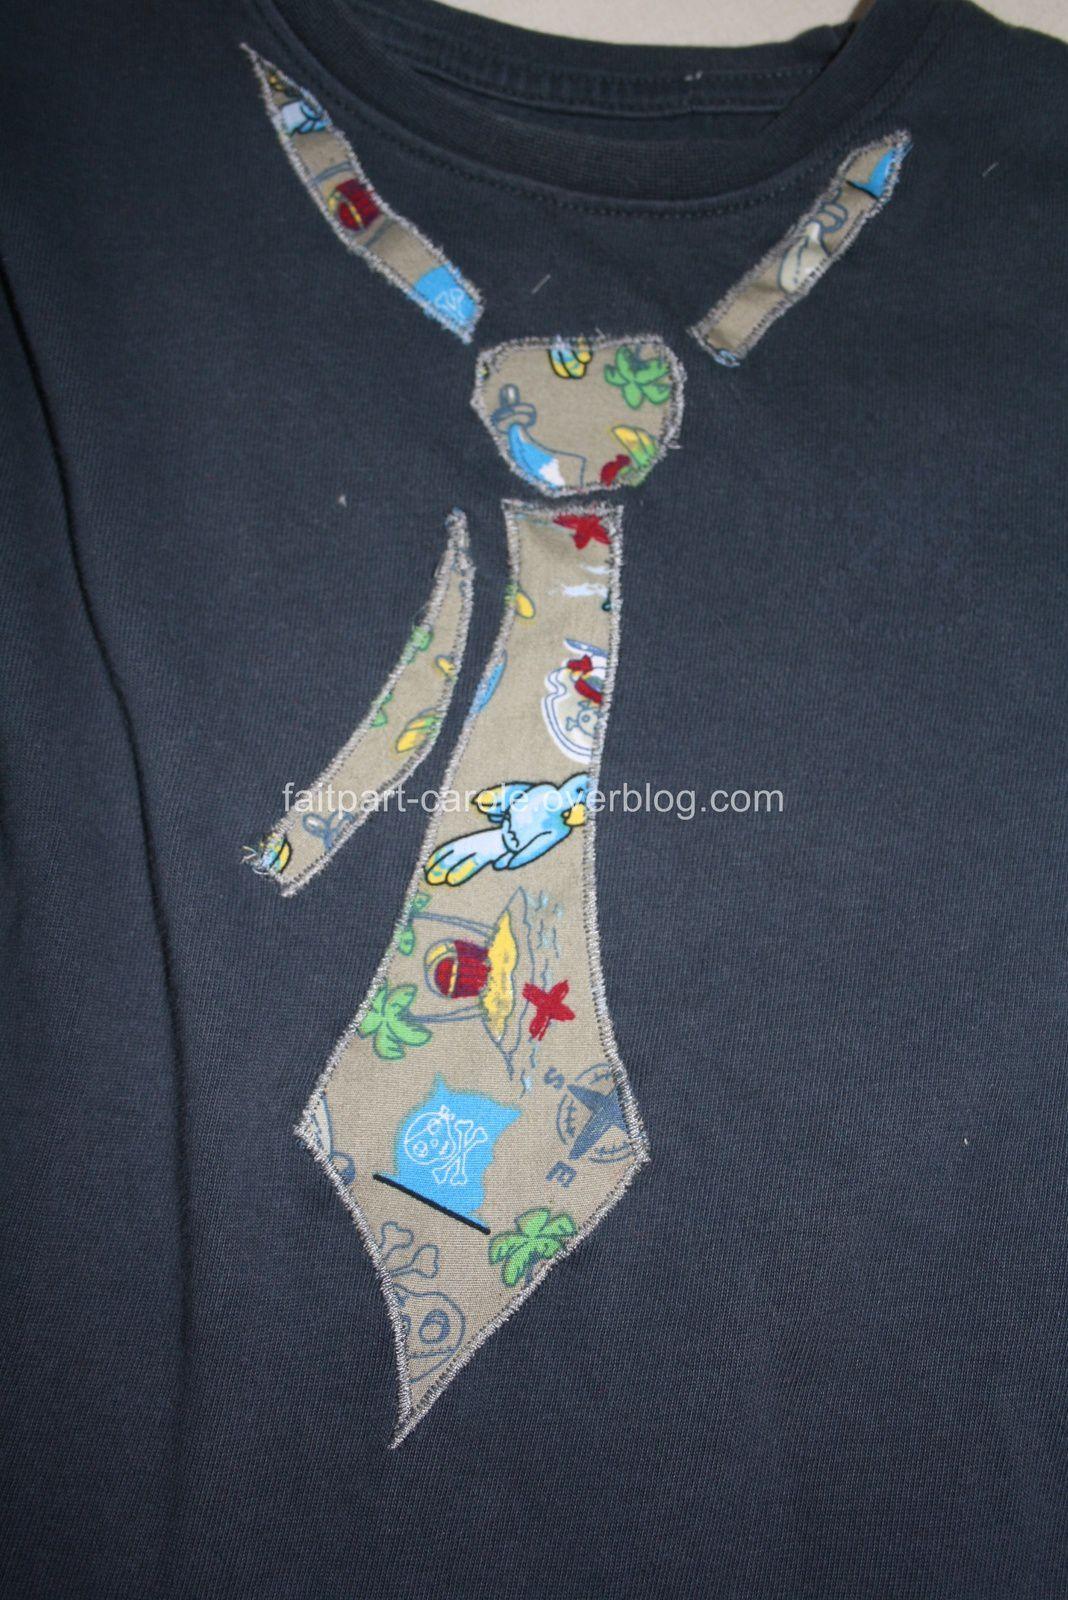 décoration cravate pour le petit Sacha (très smart)